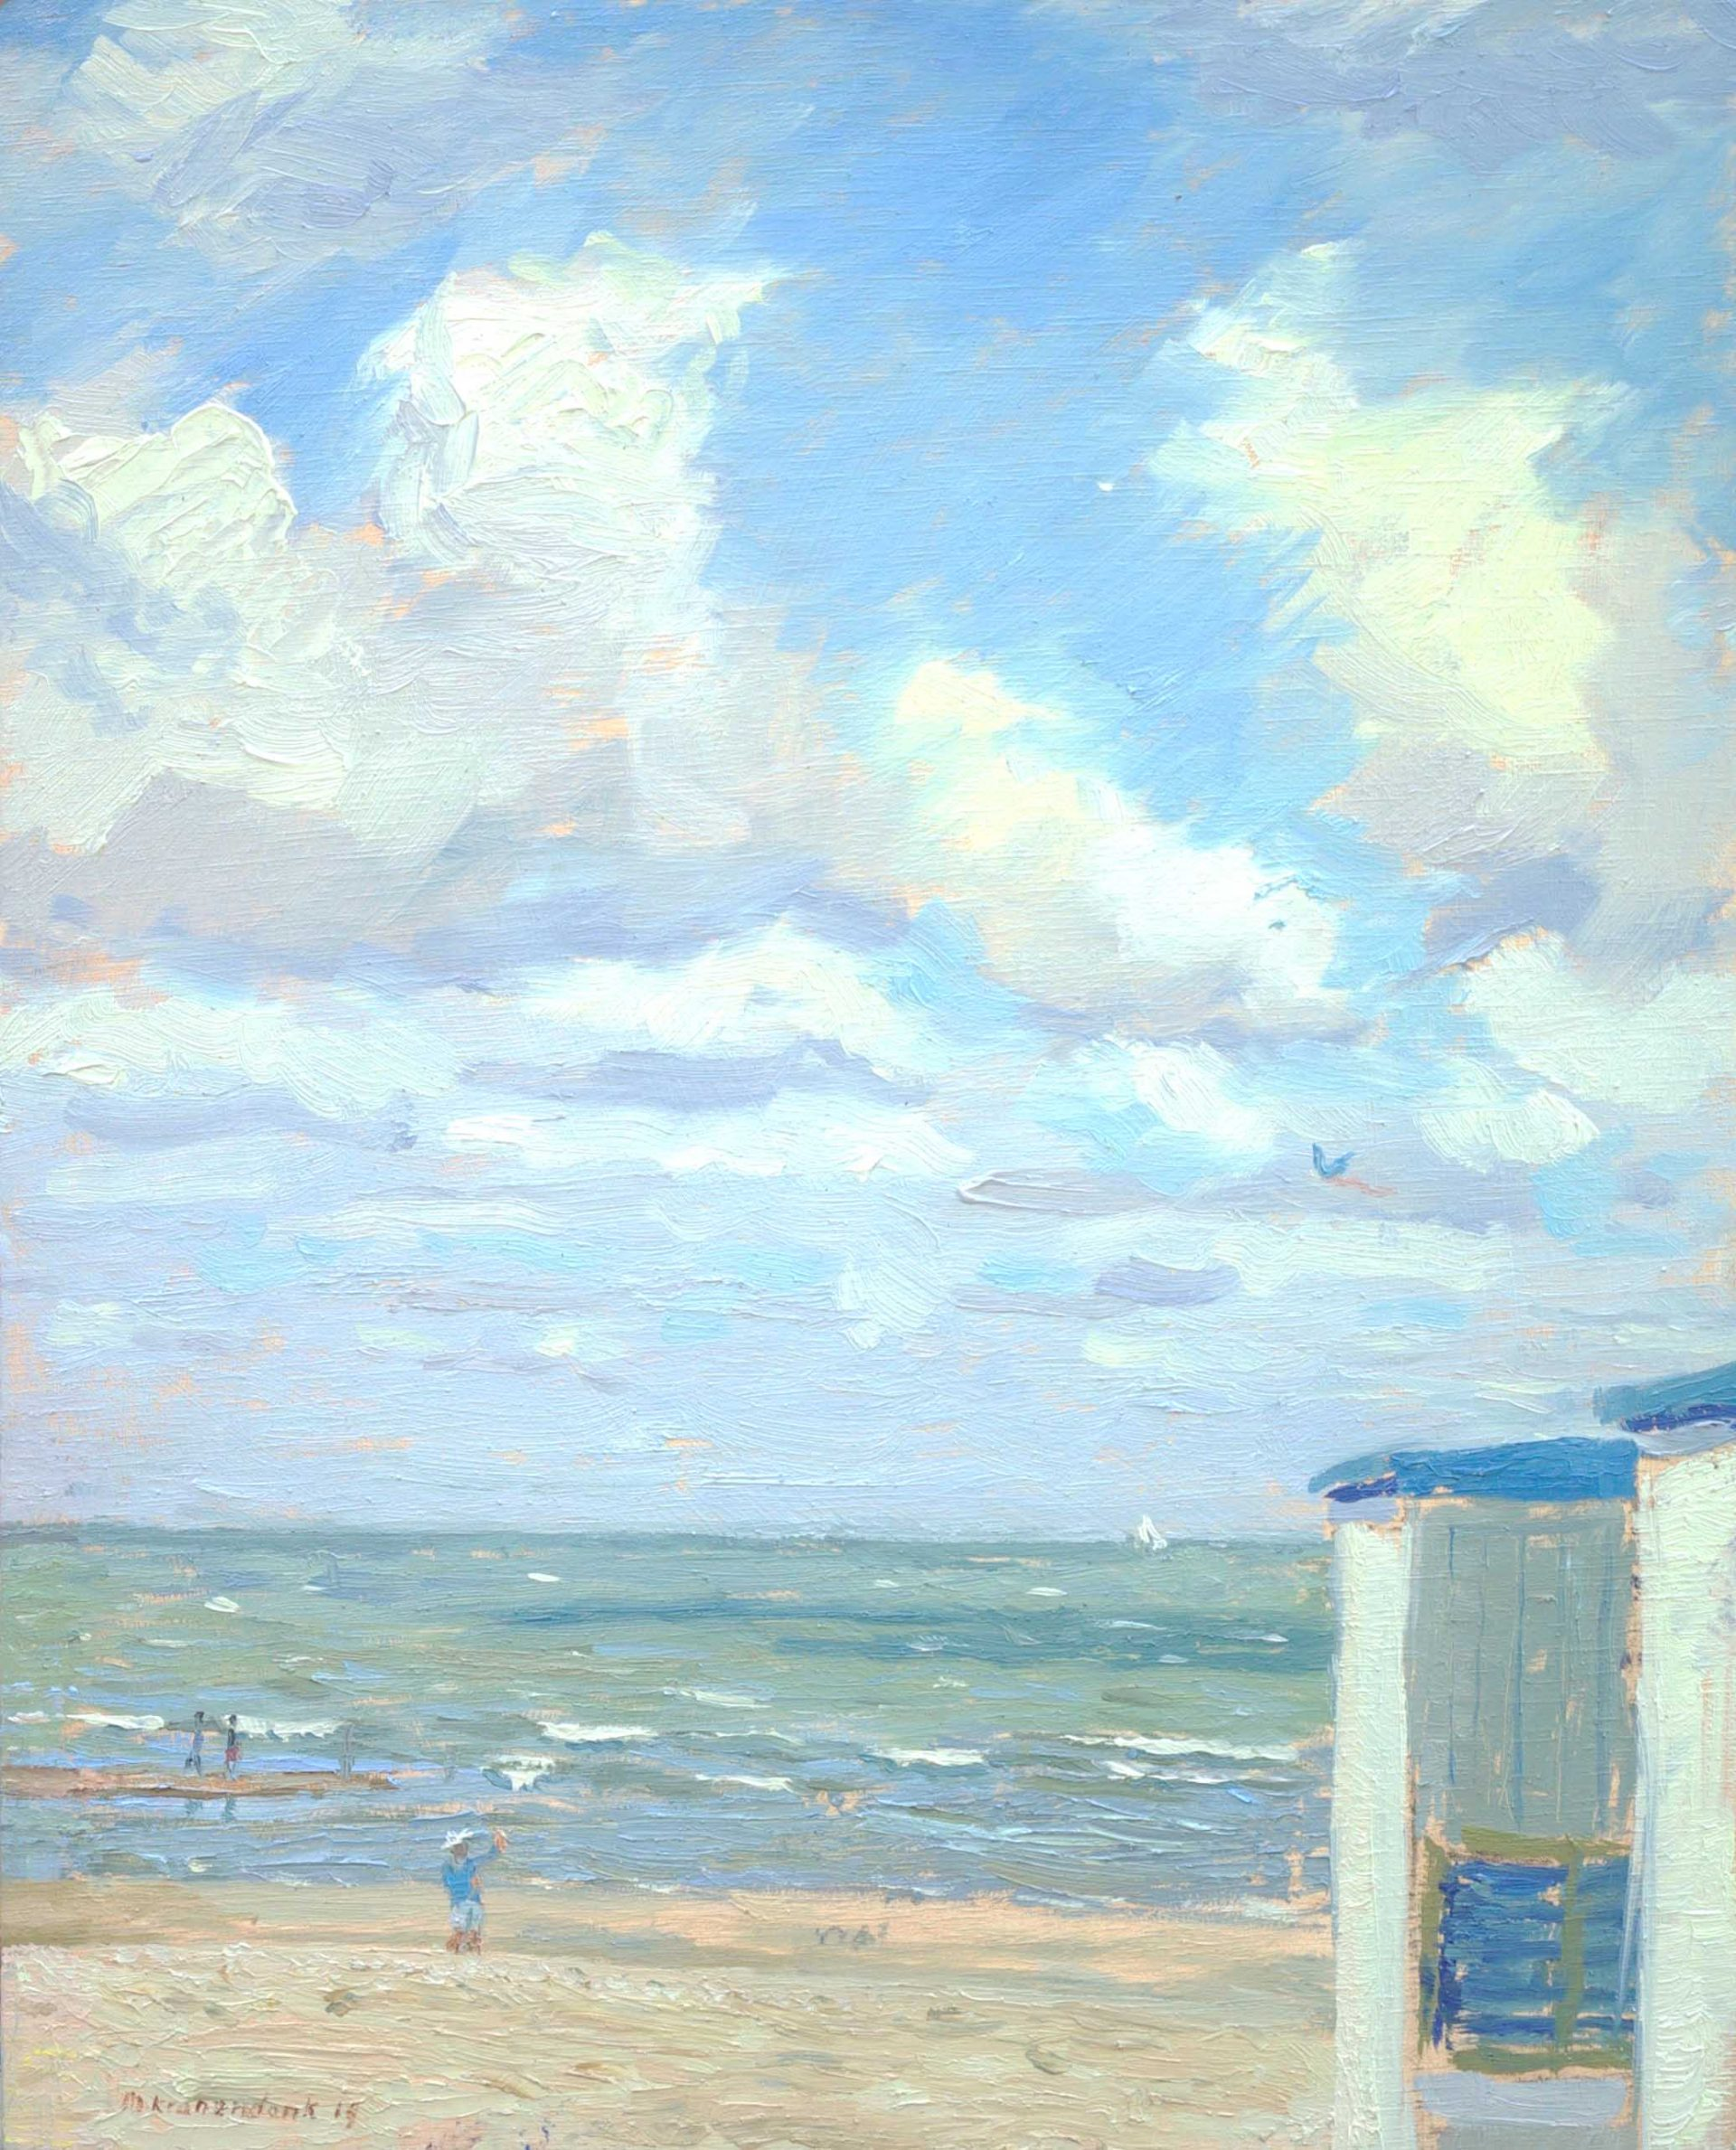 Olieverfschilderij van strand en zee Katwijk met badhuisjes.Nederlands strandgezicht realistisch impressionistisch